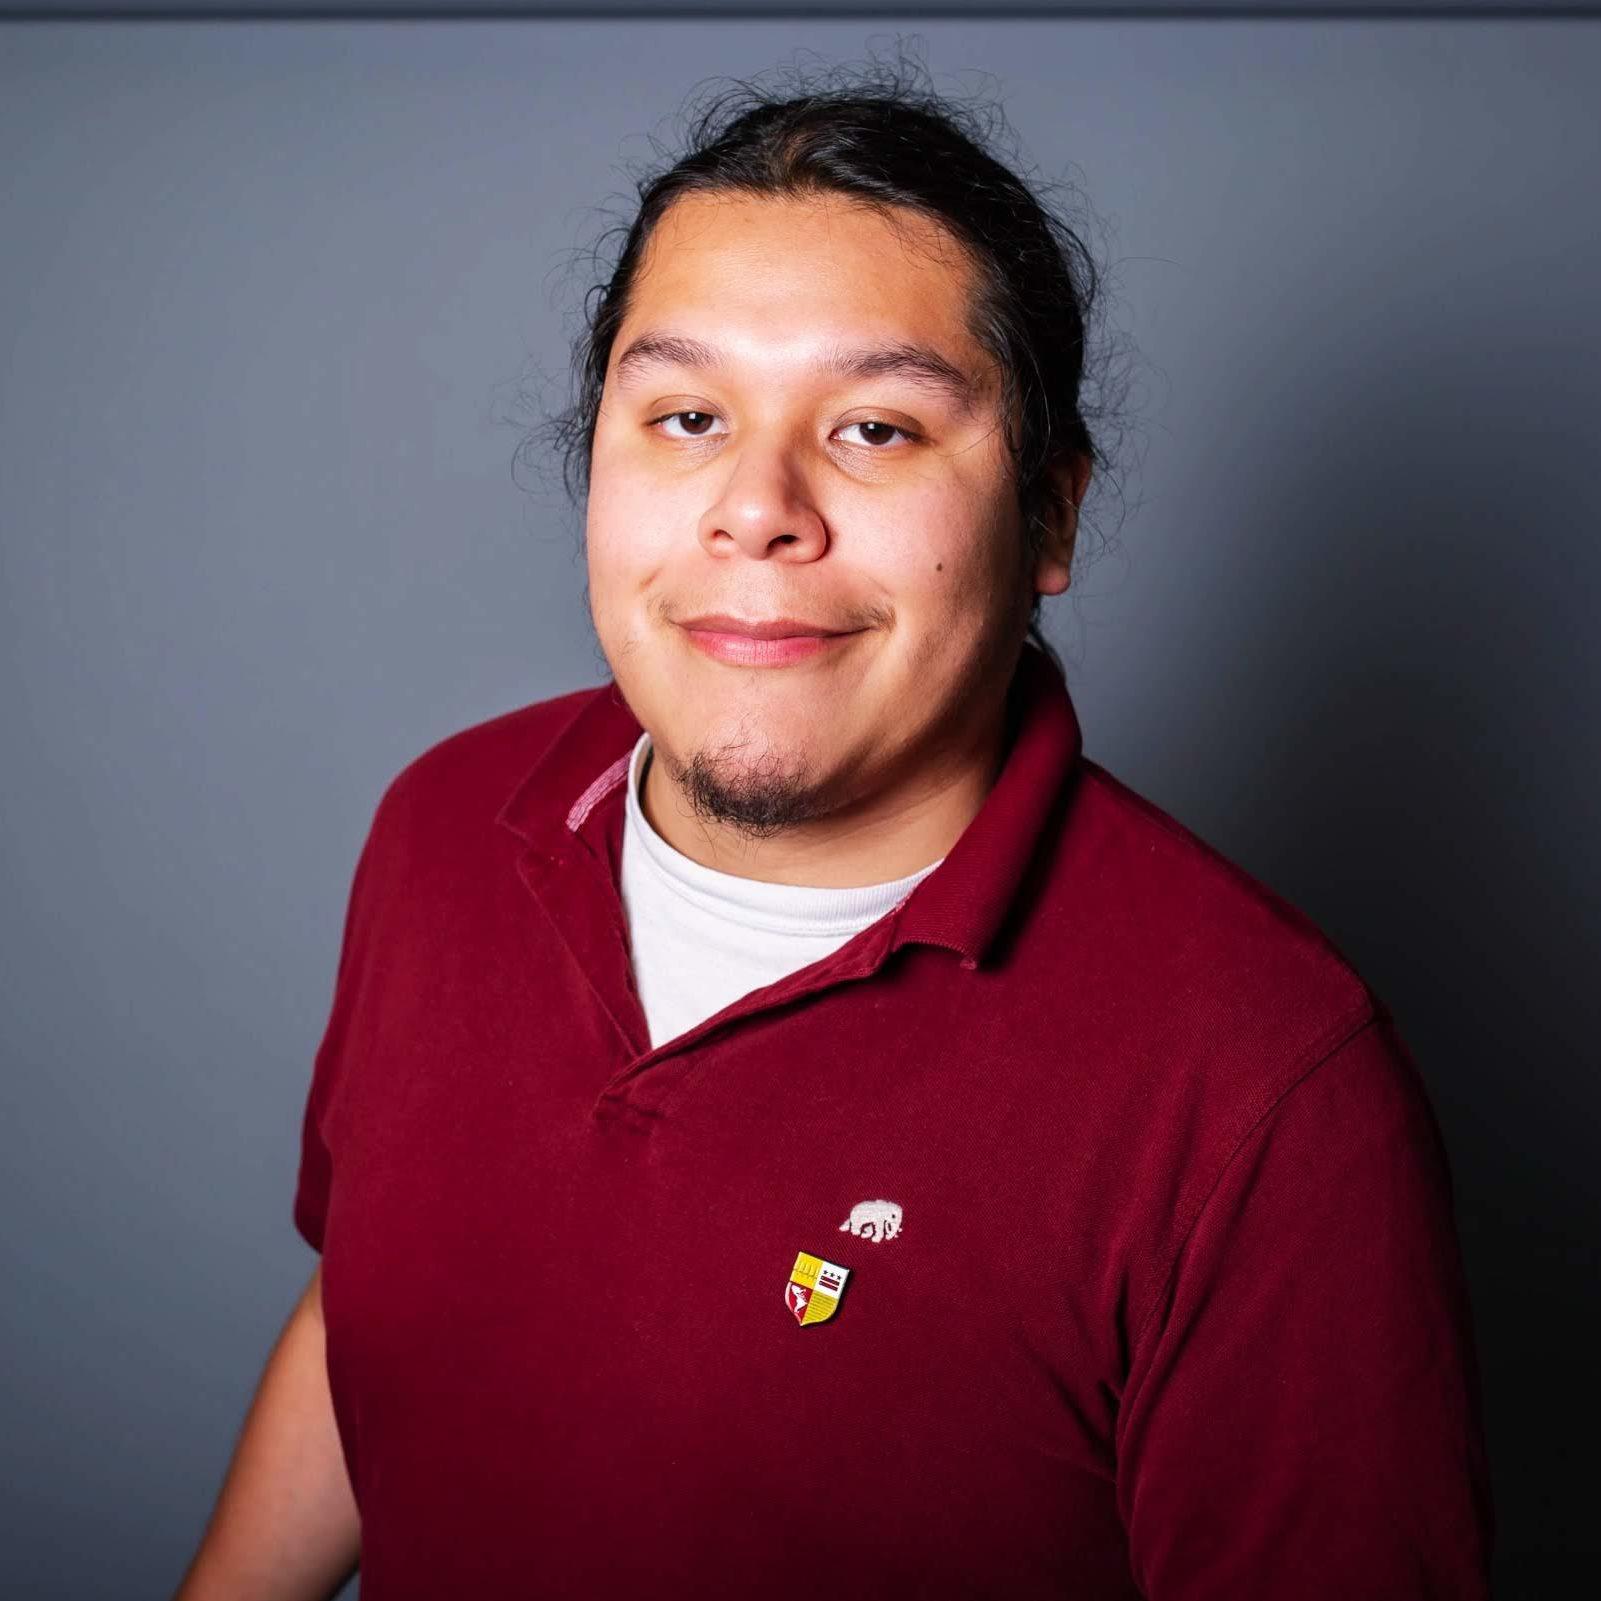 Efrain Ramirez - Student Support Specialist